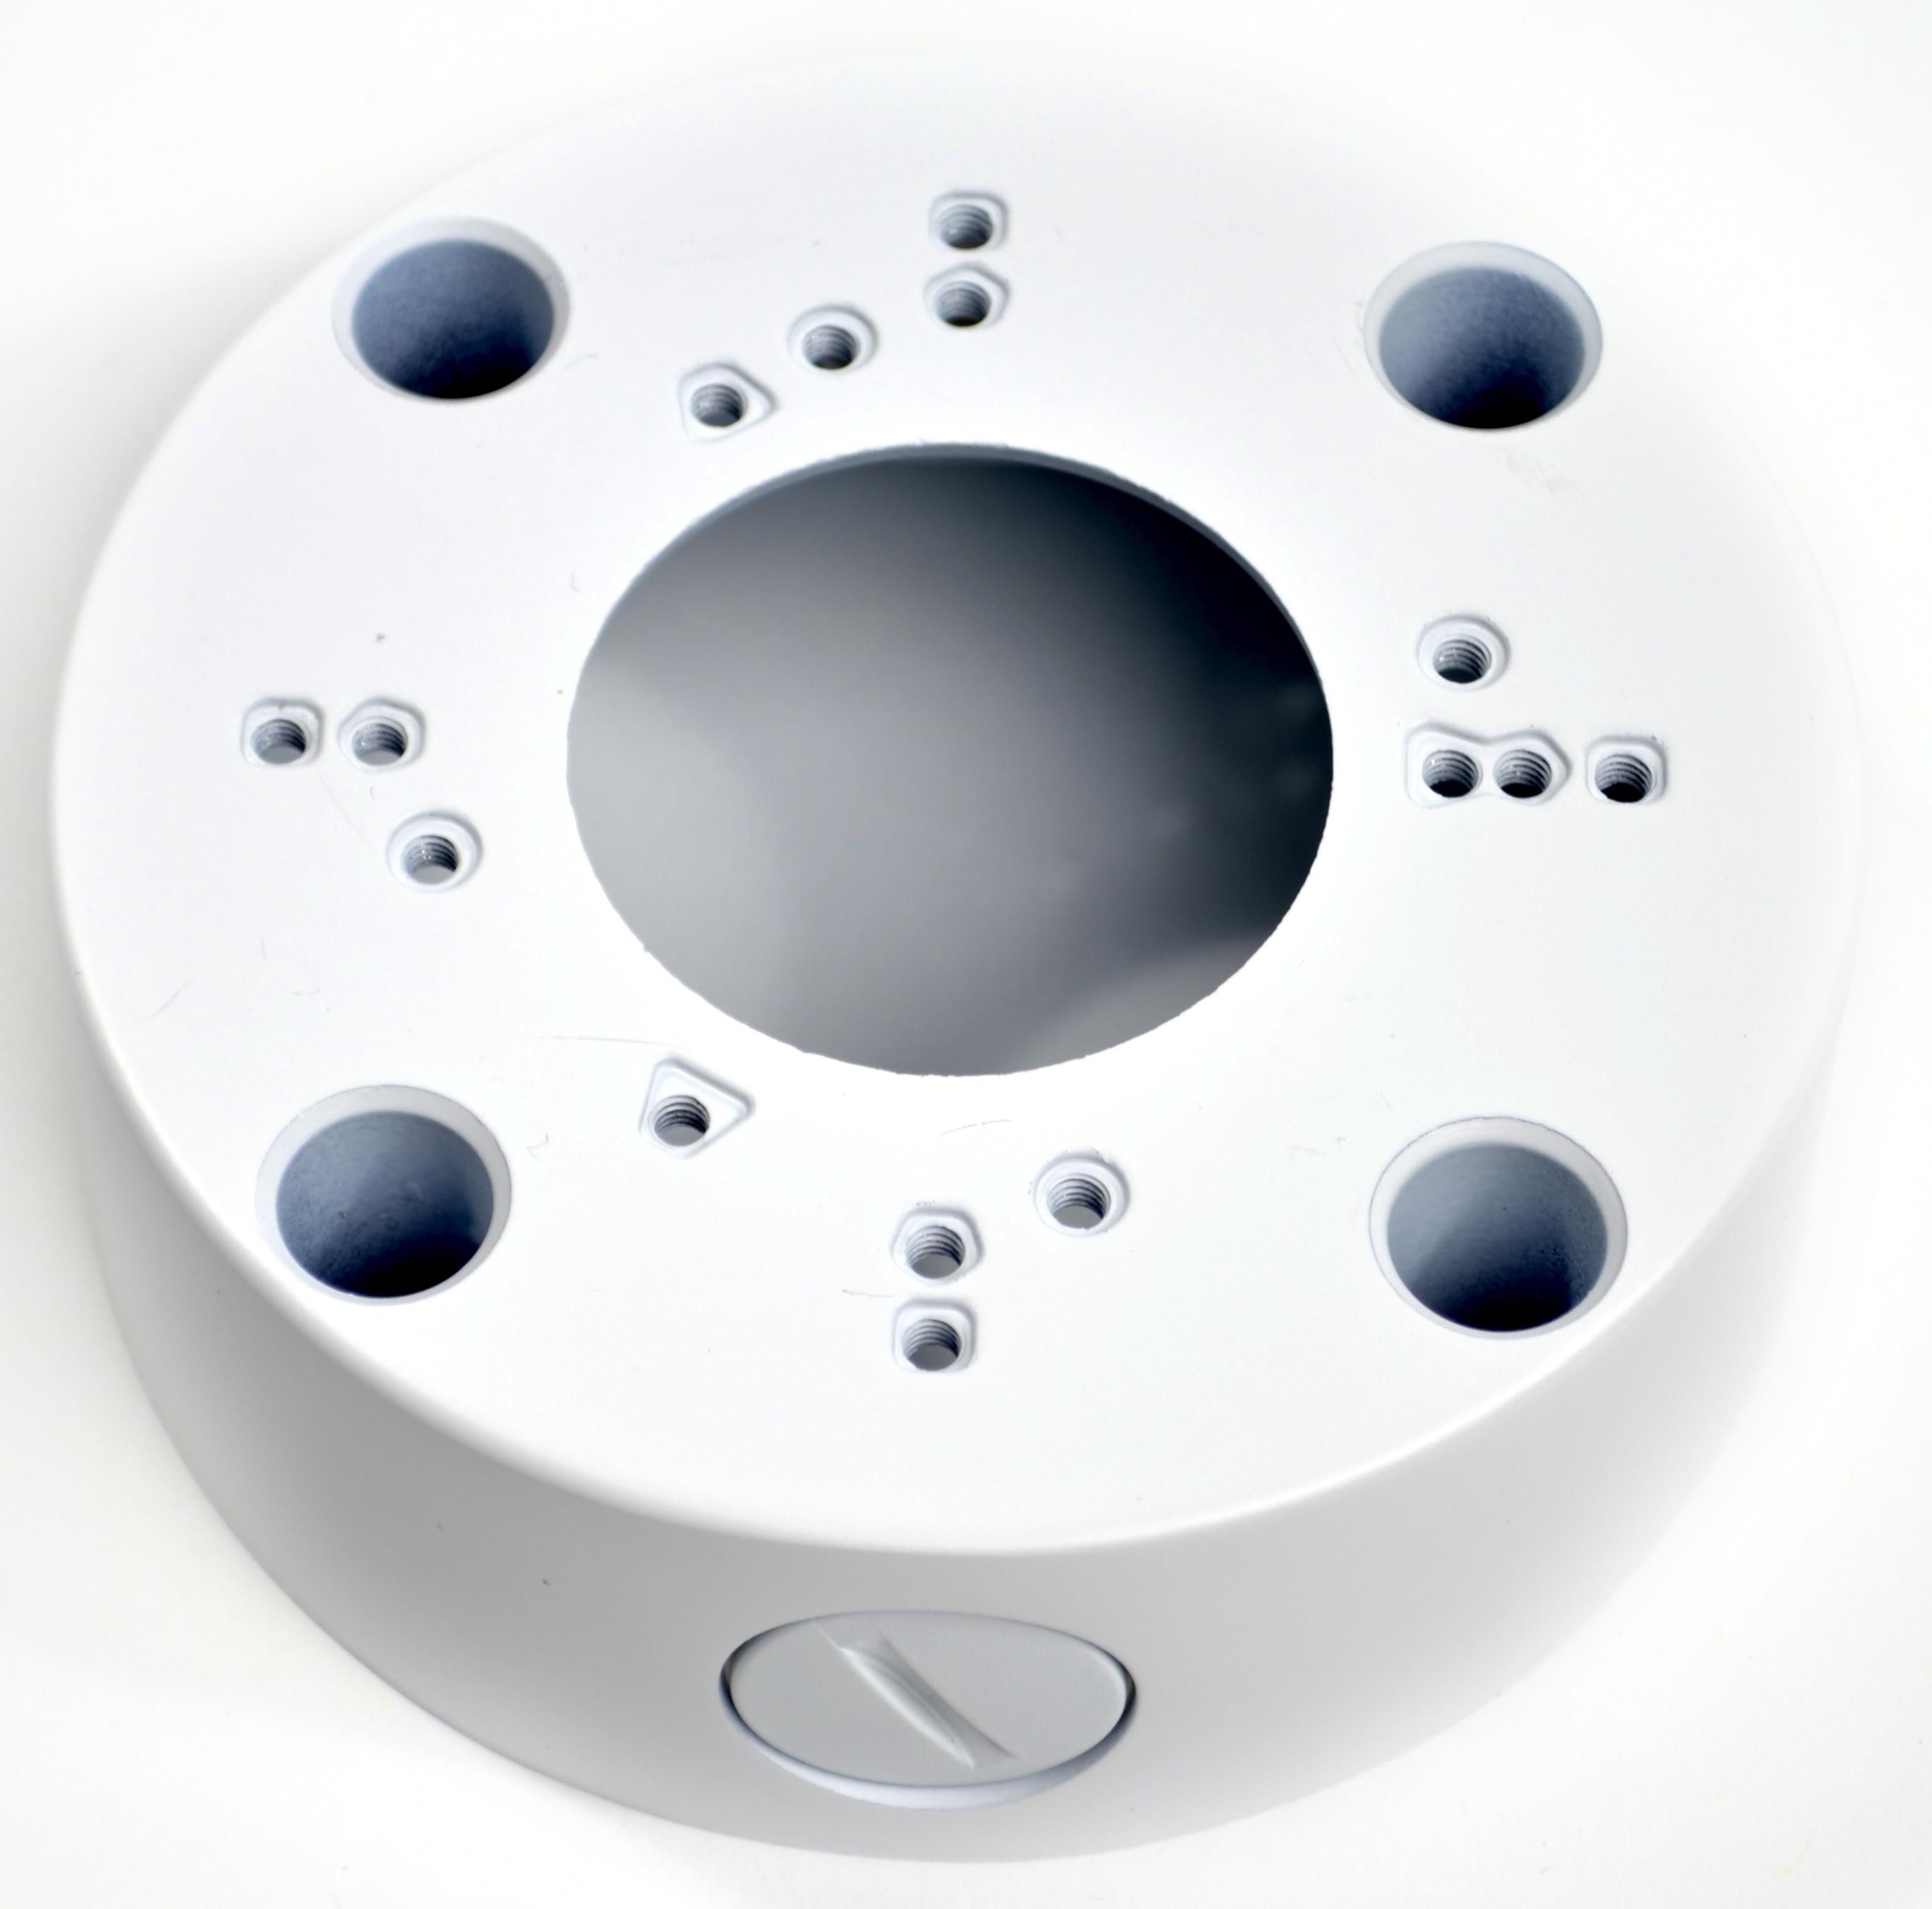 outdoor wlan berwachungskamera mit 4 mp aufl sung und weltweitem zugriff per pc smartphone. Black Bedroom Furniture Sets. Home Design Ideas